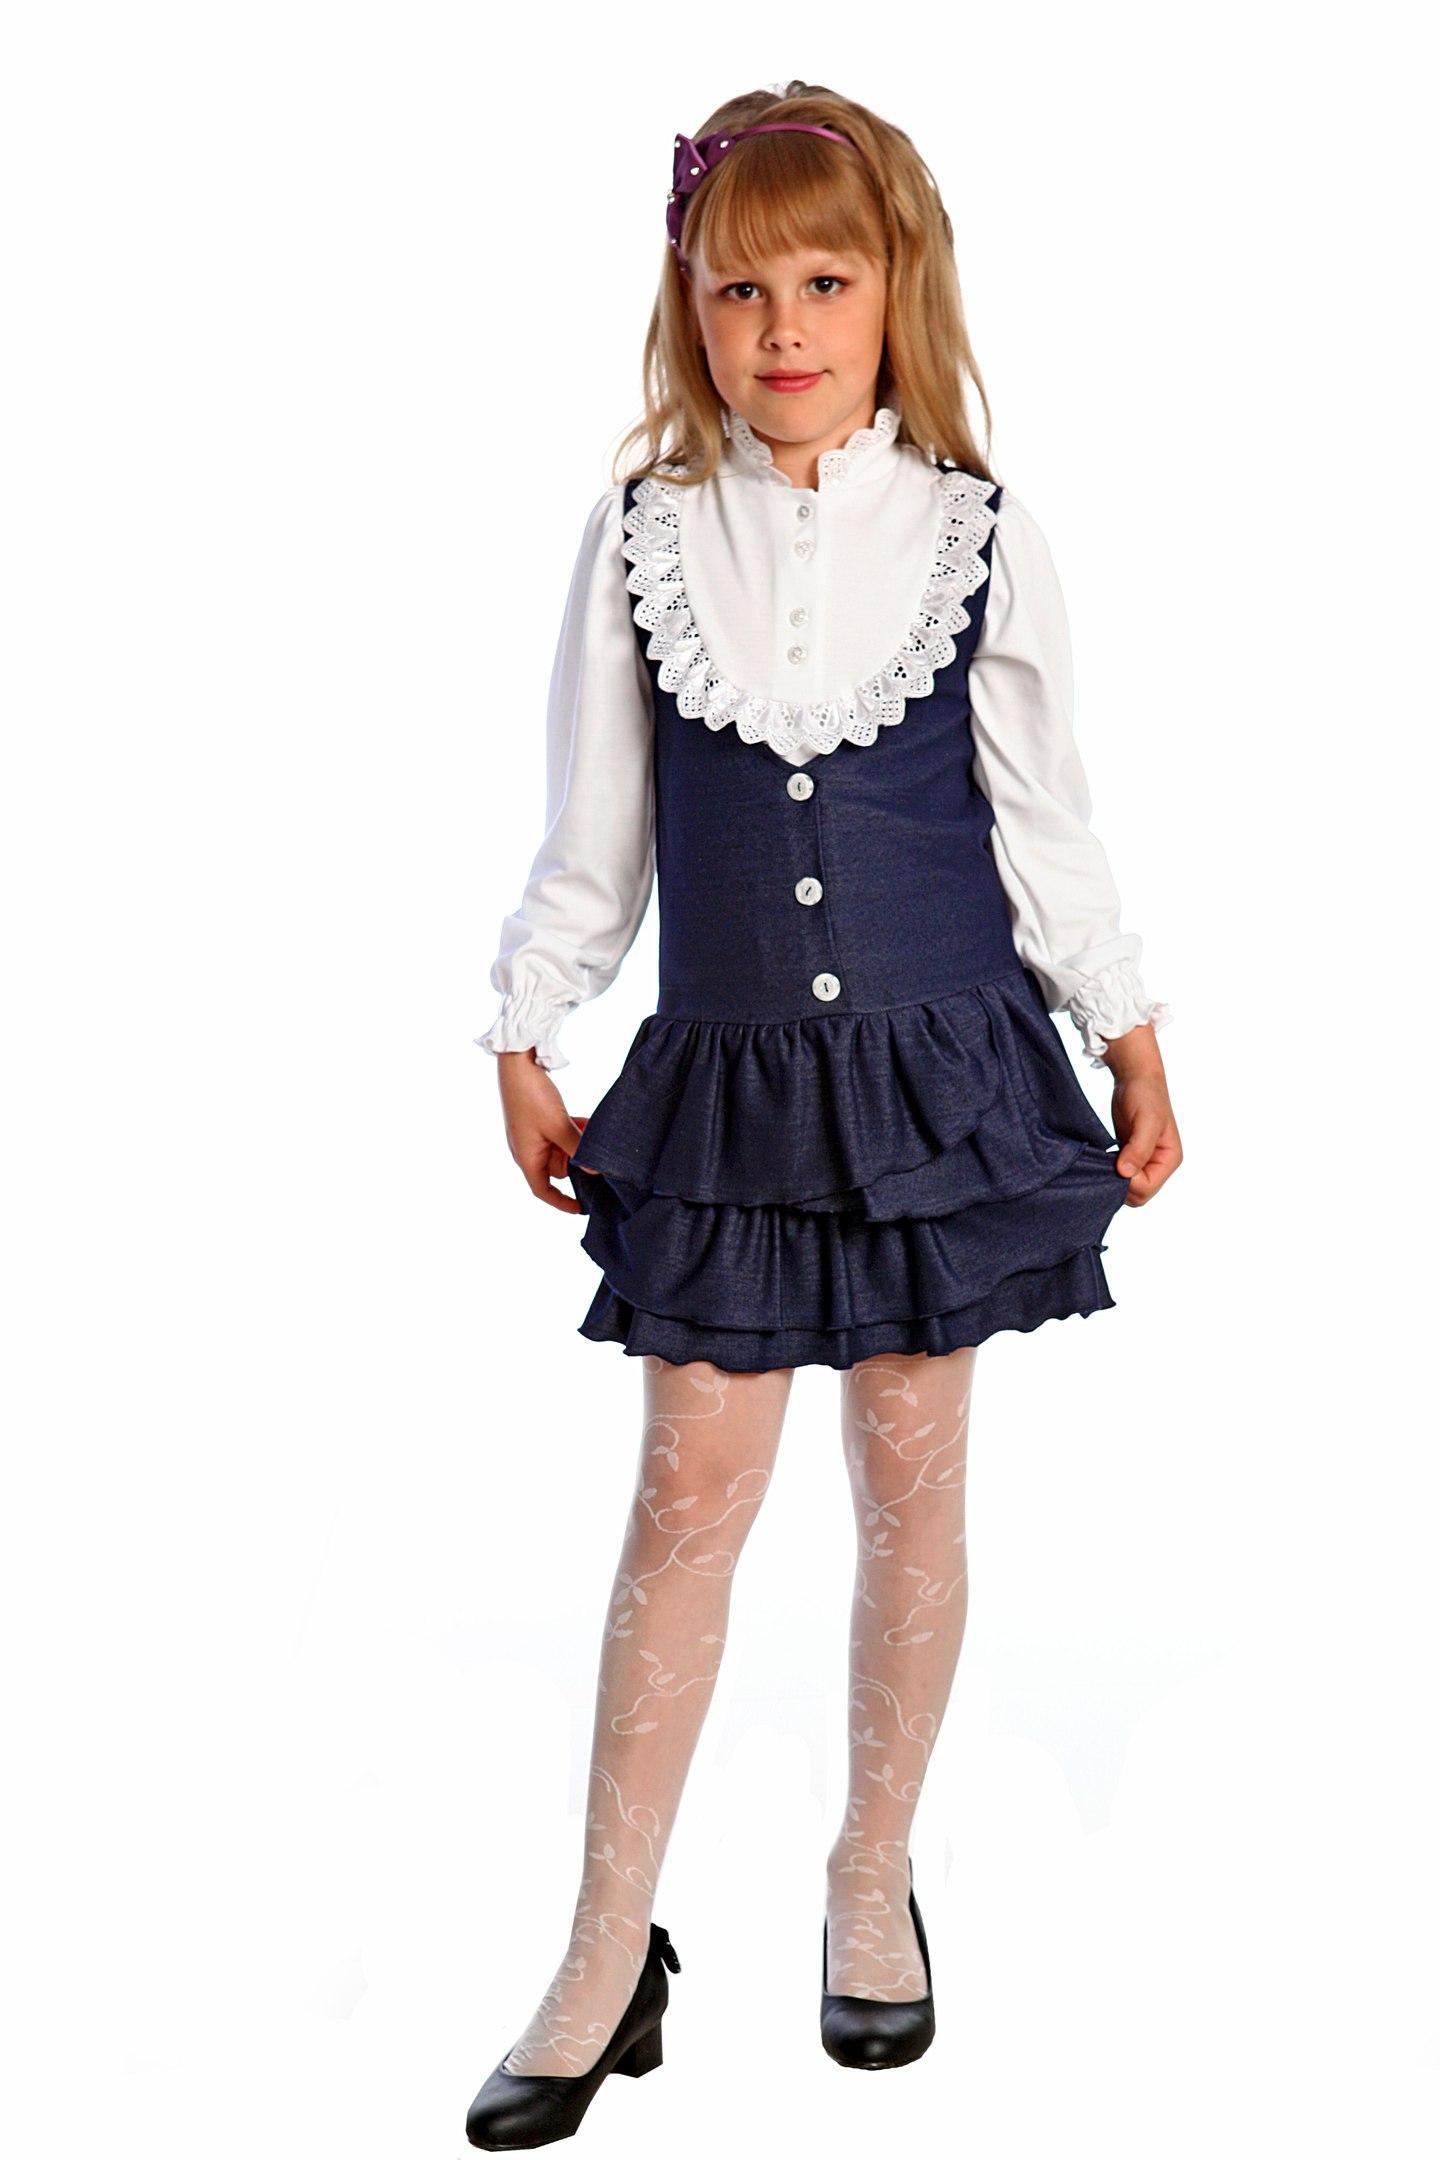 Трахать девочек в одежде 16 фотография